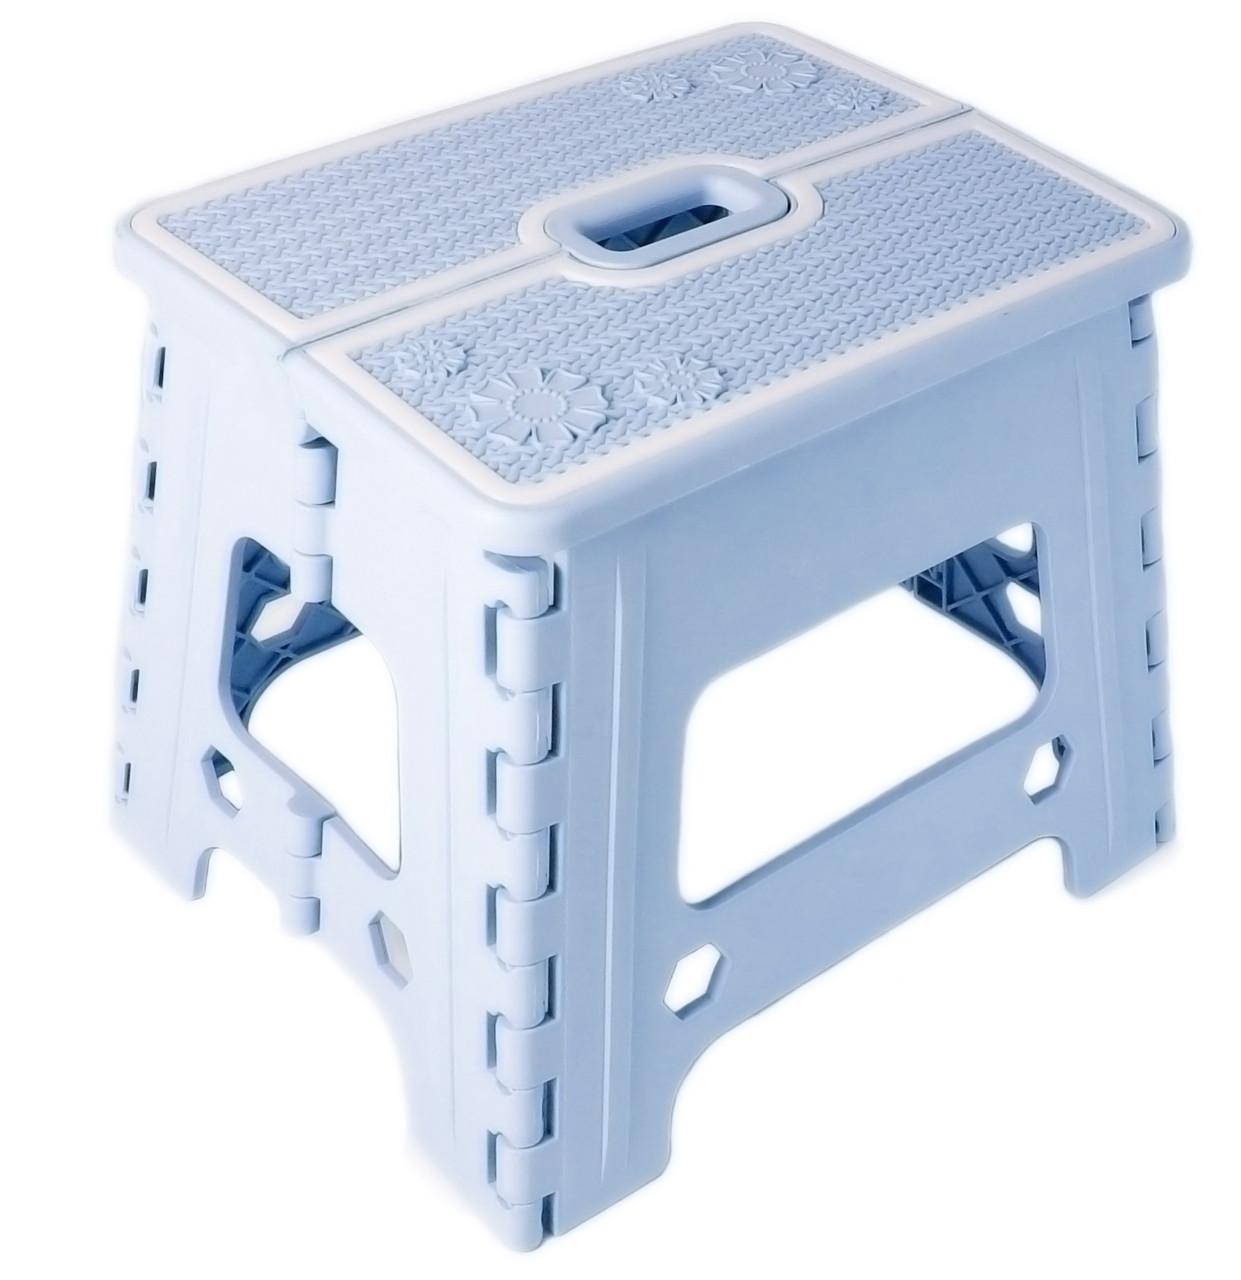 Стілець розкладний Stenson R87944 30х25х25 см, синій